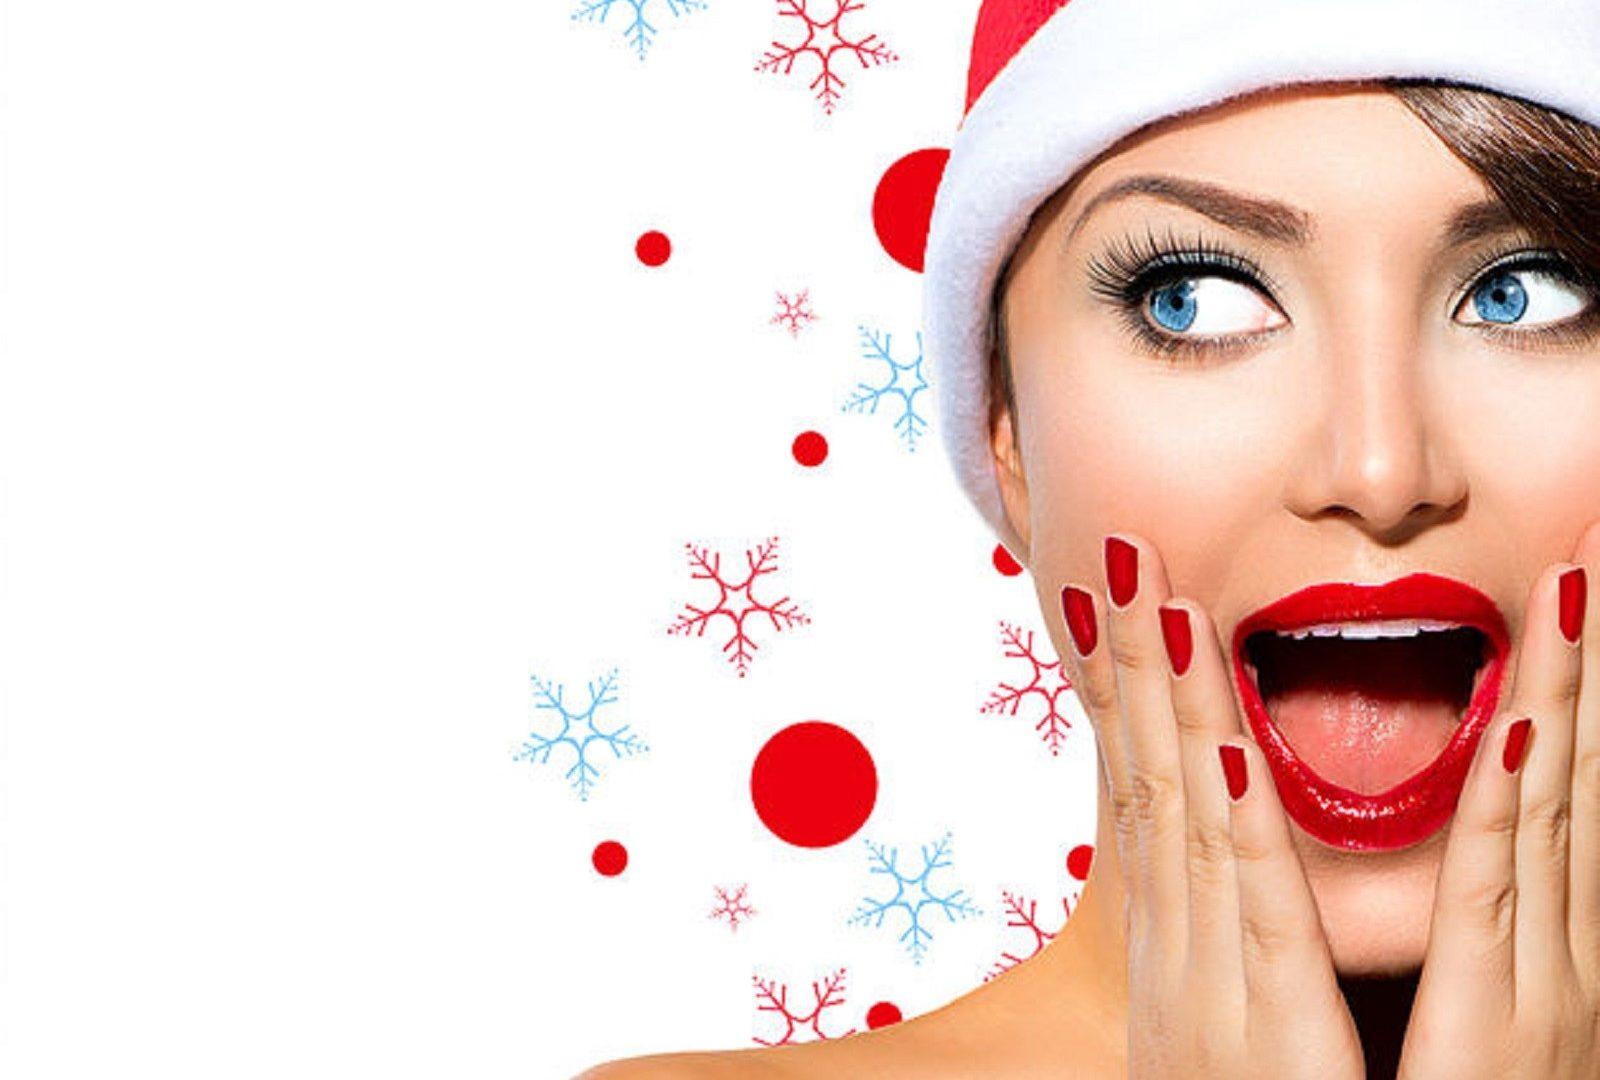 Scegli il Regalo Perfetto per il tuo Natale!